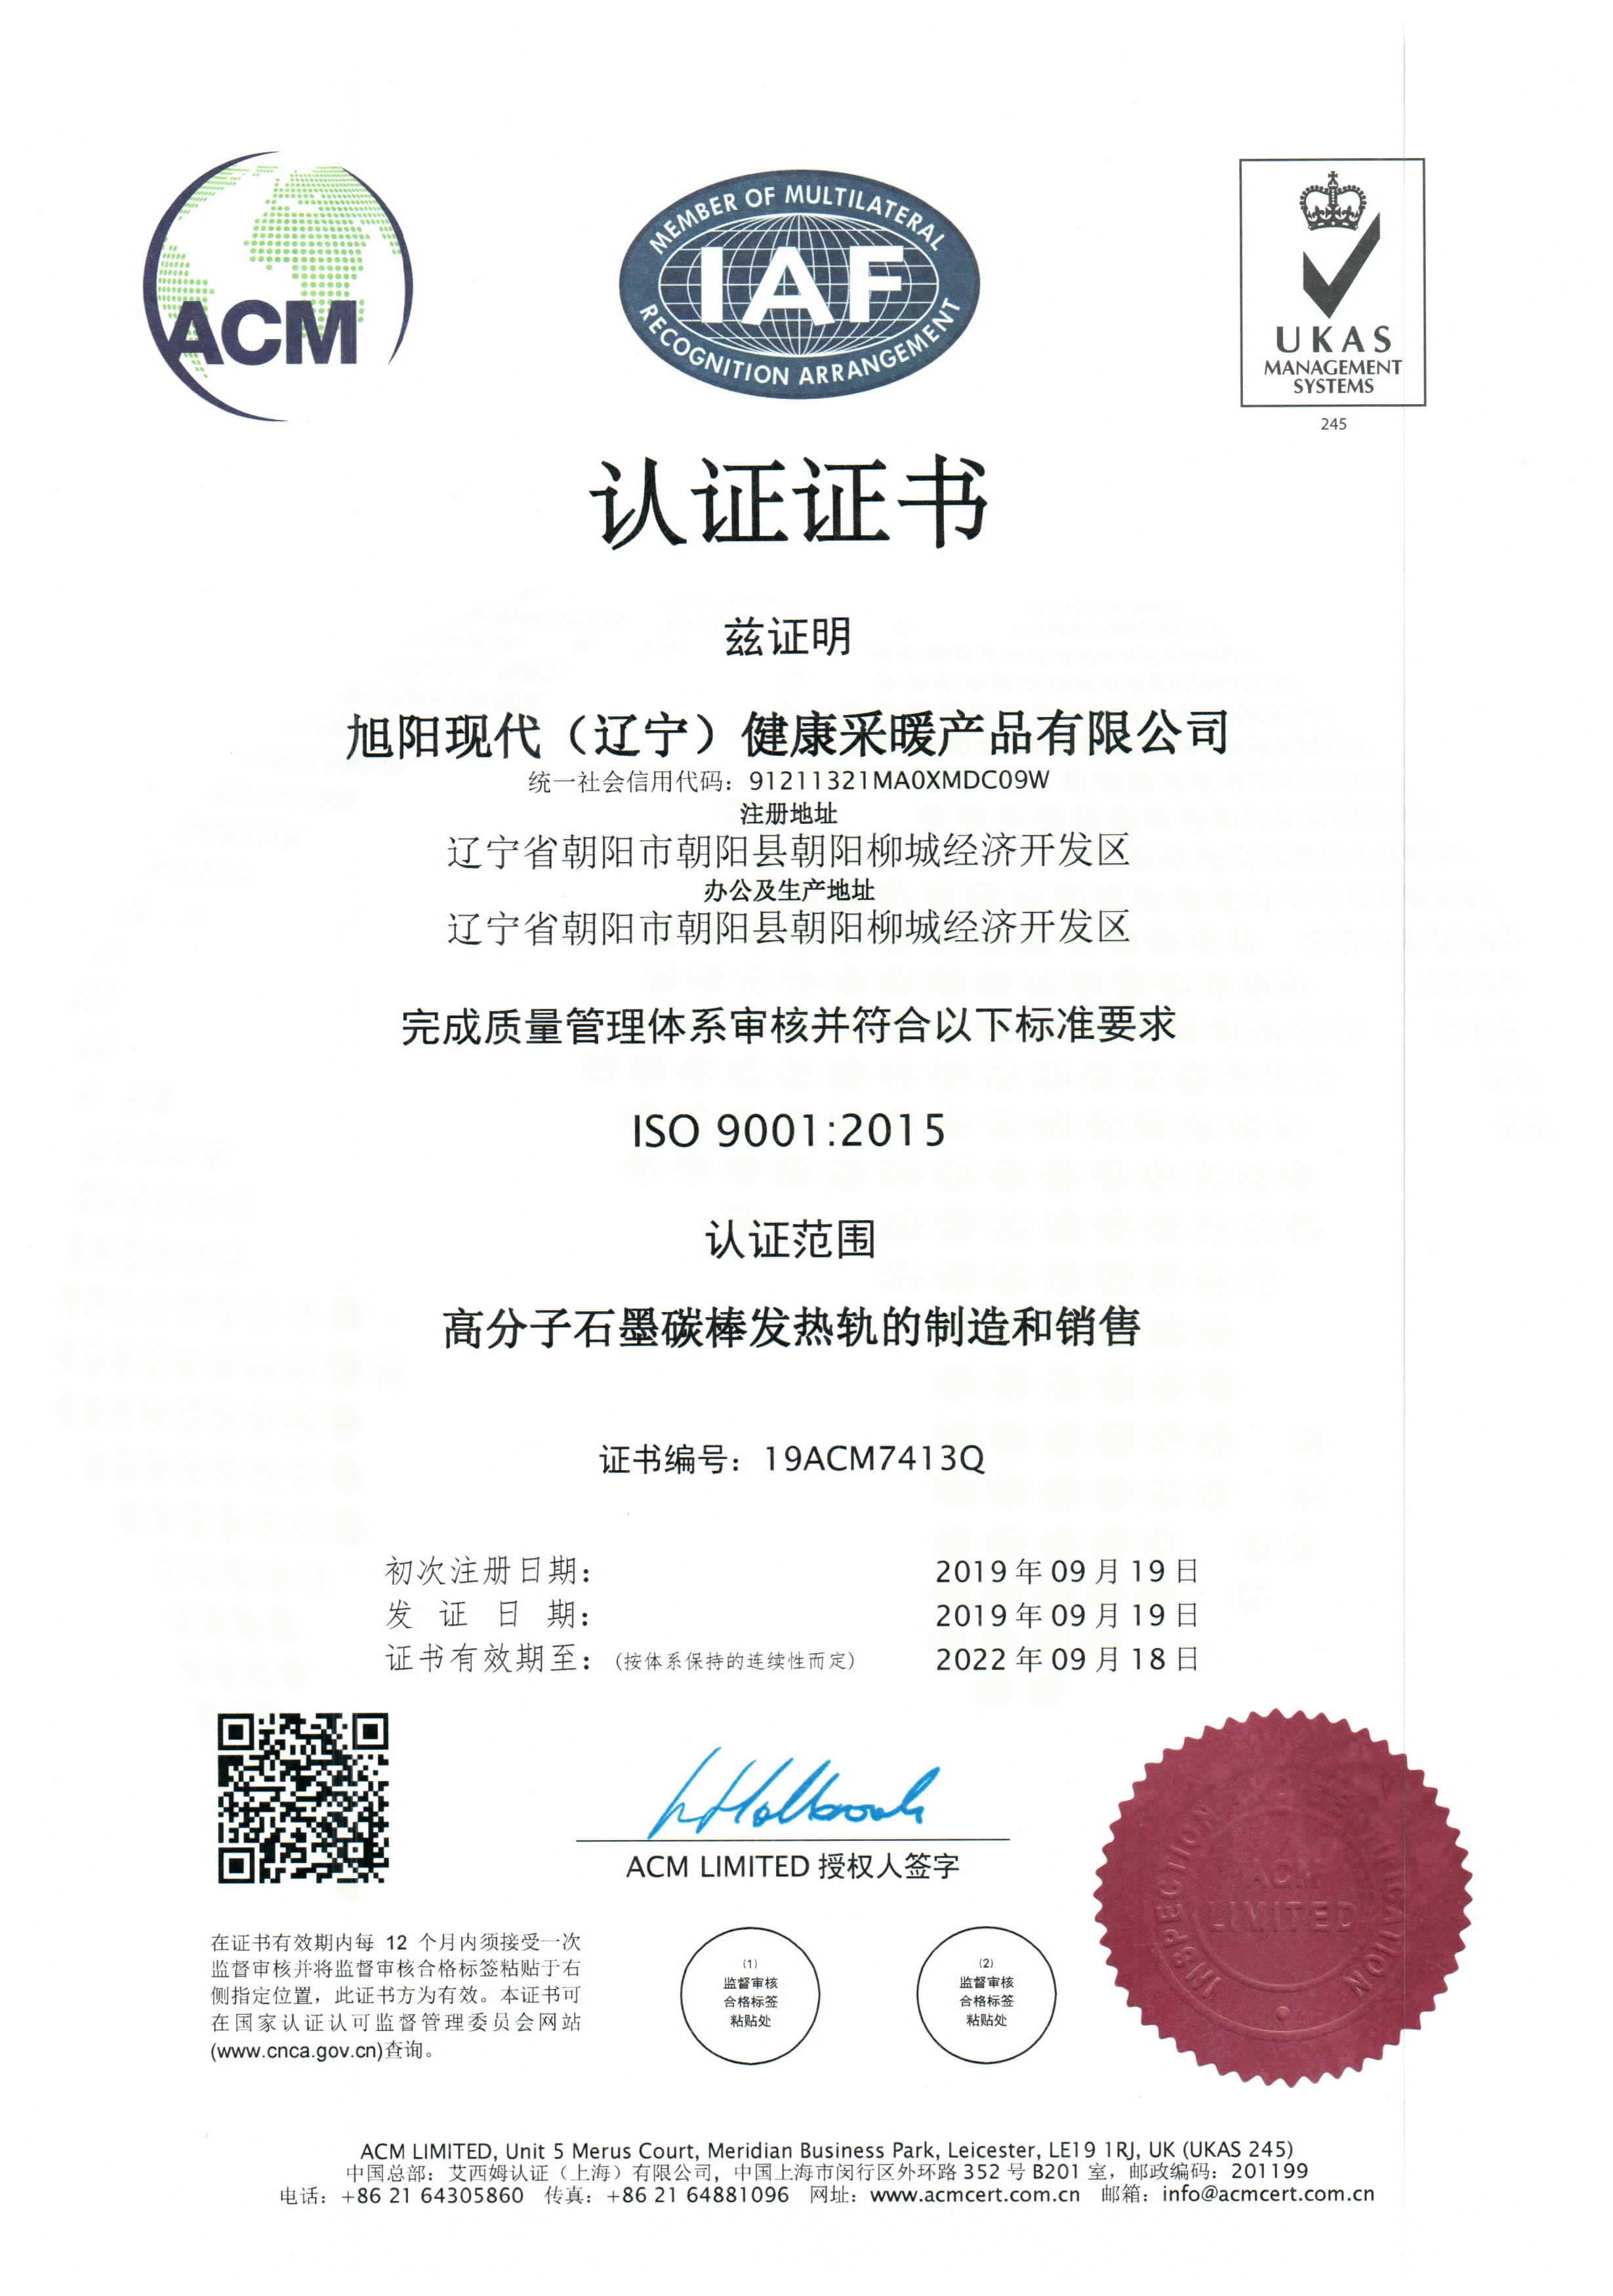 旭阳现代(辽宁)健康采暖产品认证证书